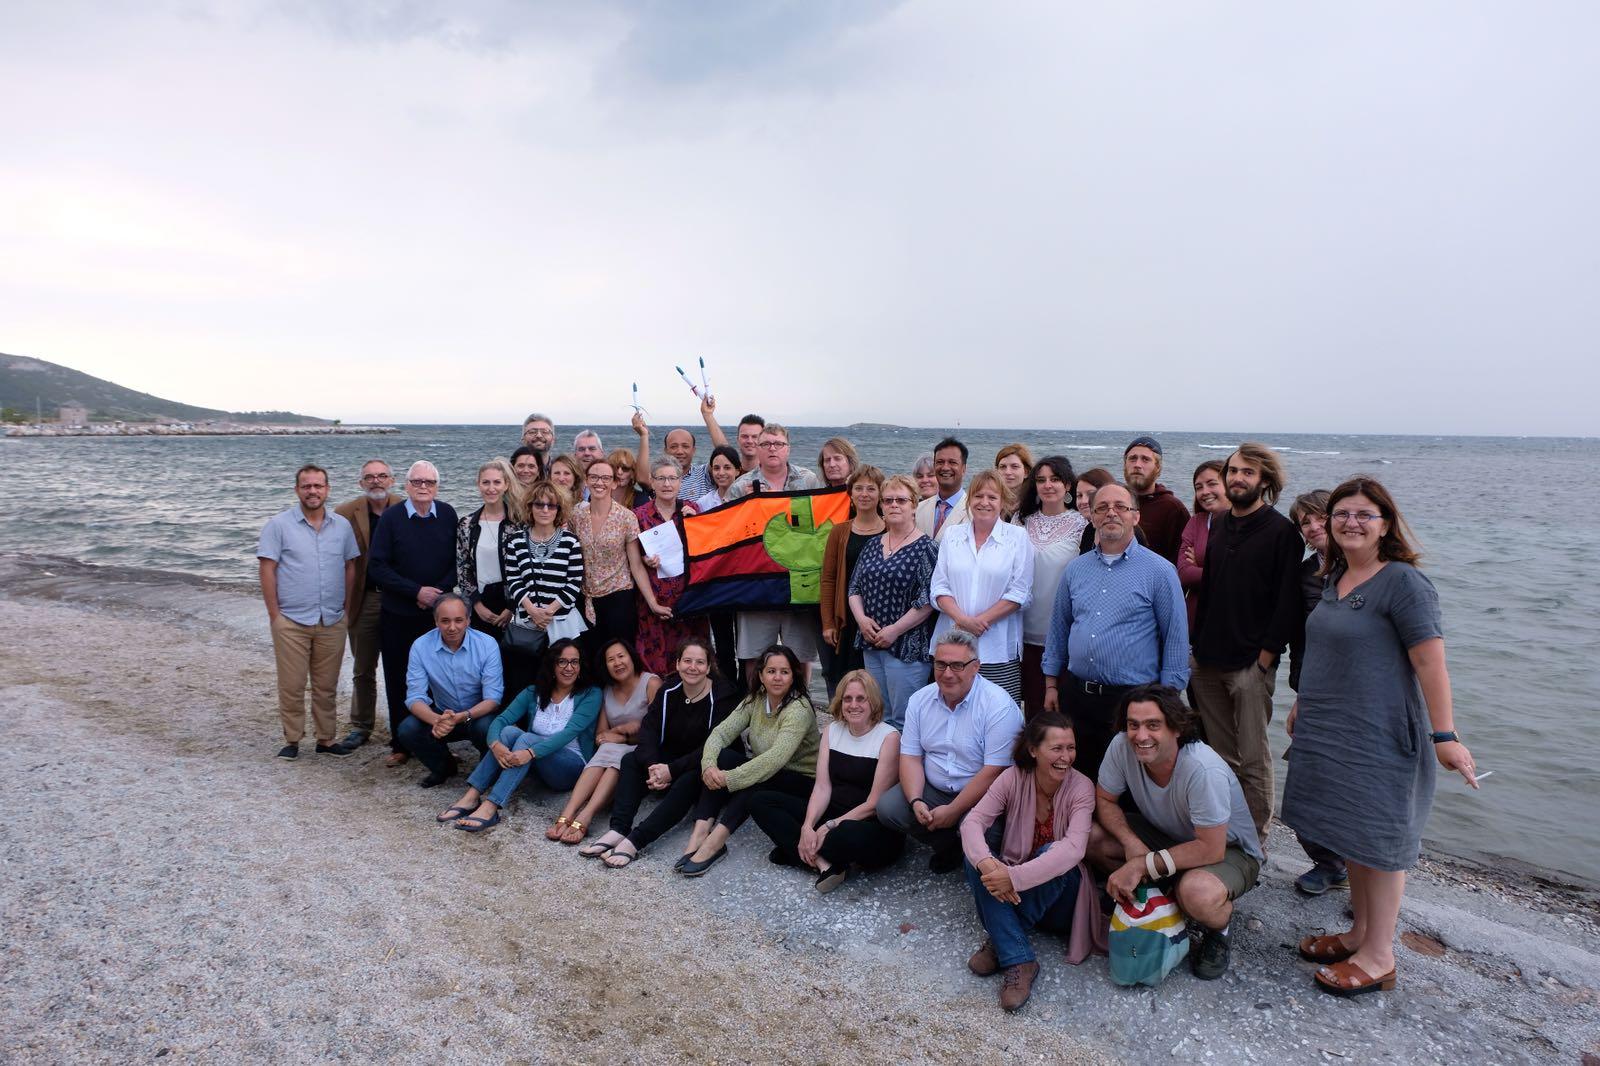 Boats4people Défendre Les Droits Des Personnes Migrantes En Mer